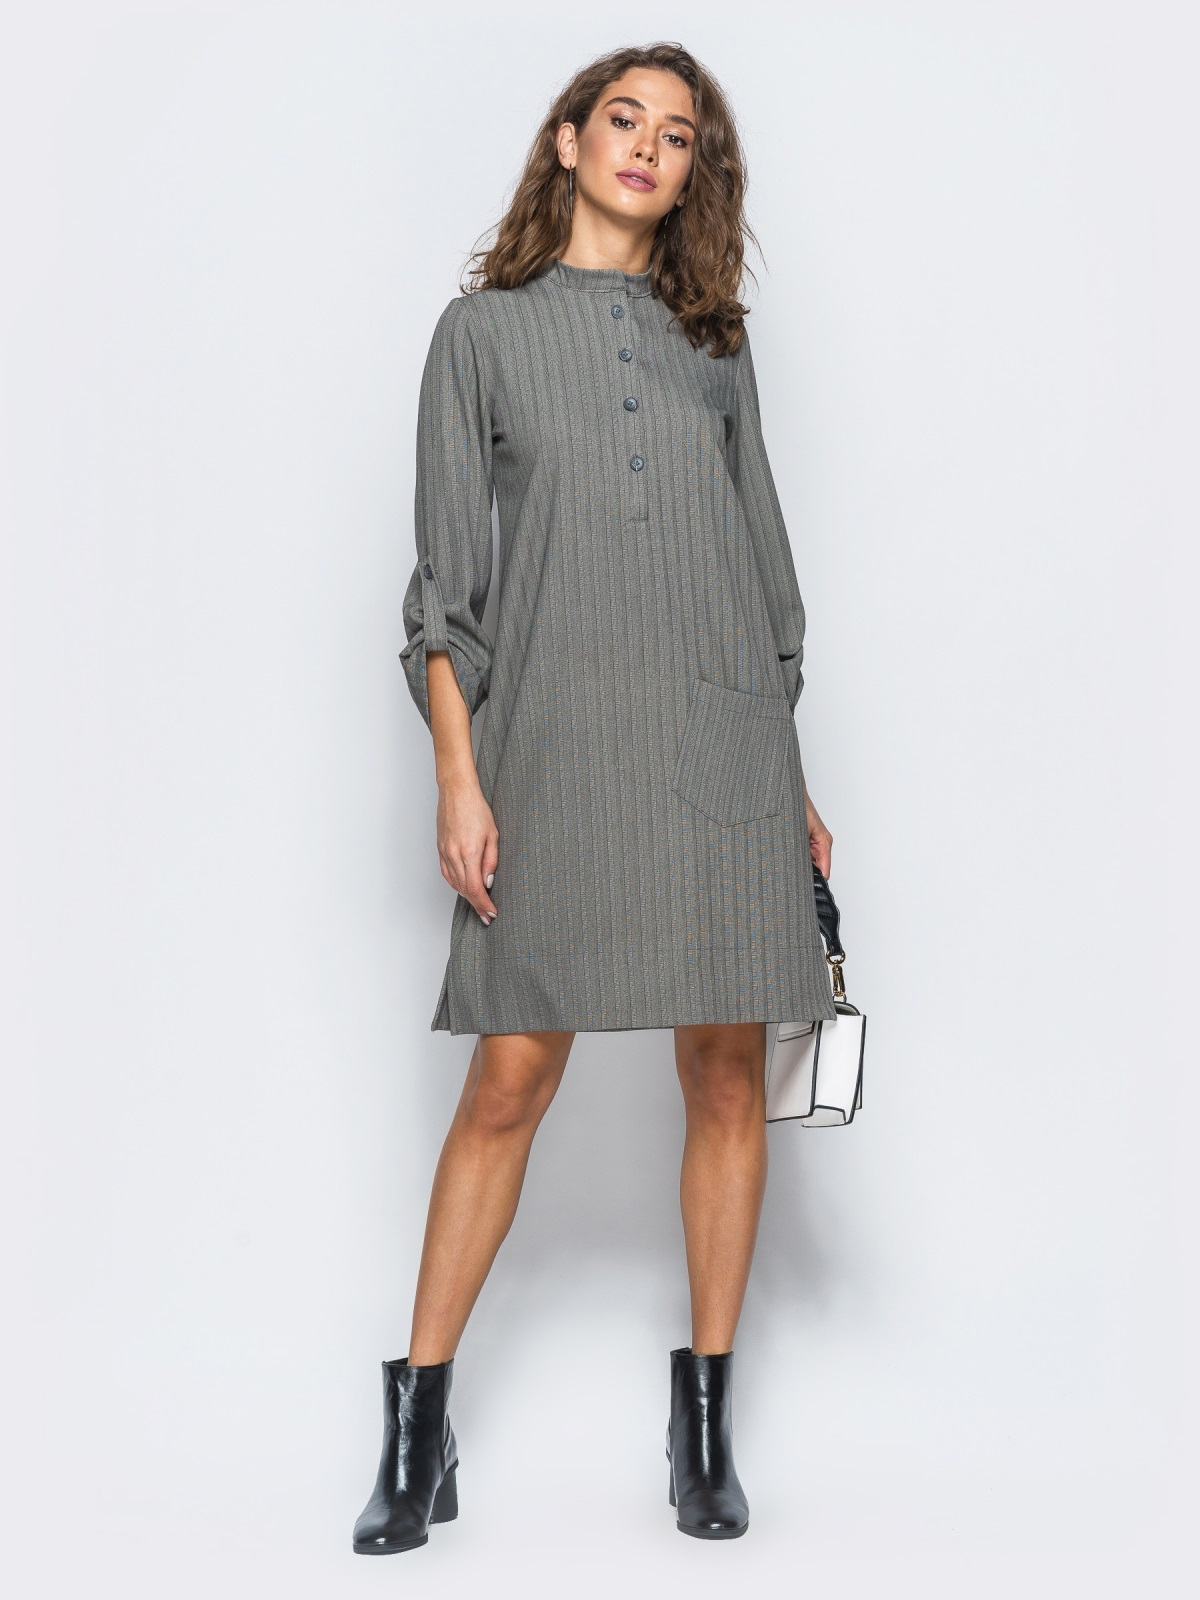 Платье-рубашка серого цвета из костюмной ткани с карманом на полочке - 17466, фото 1 – интернет-магазин Dressa